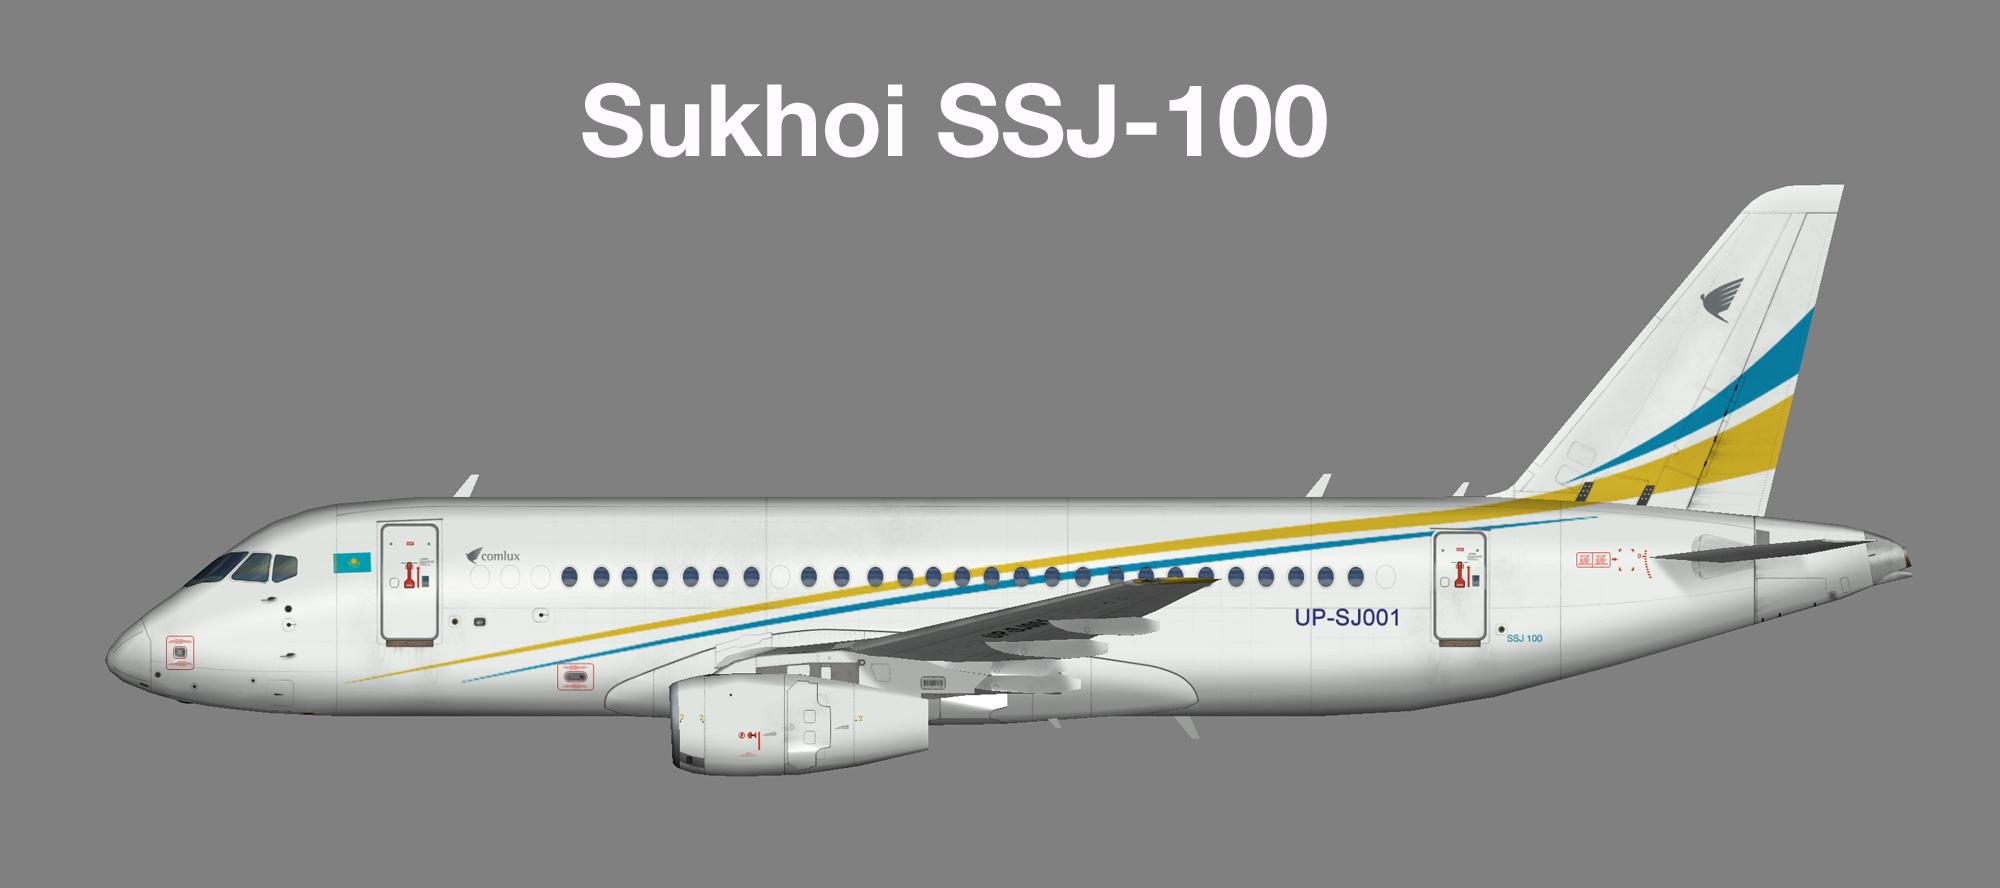 Comlux KZ Sukhoi SSJ-100